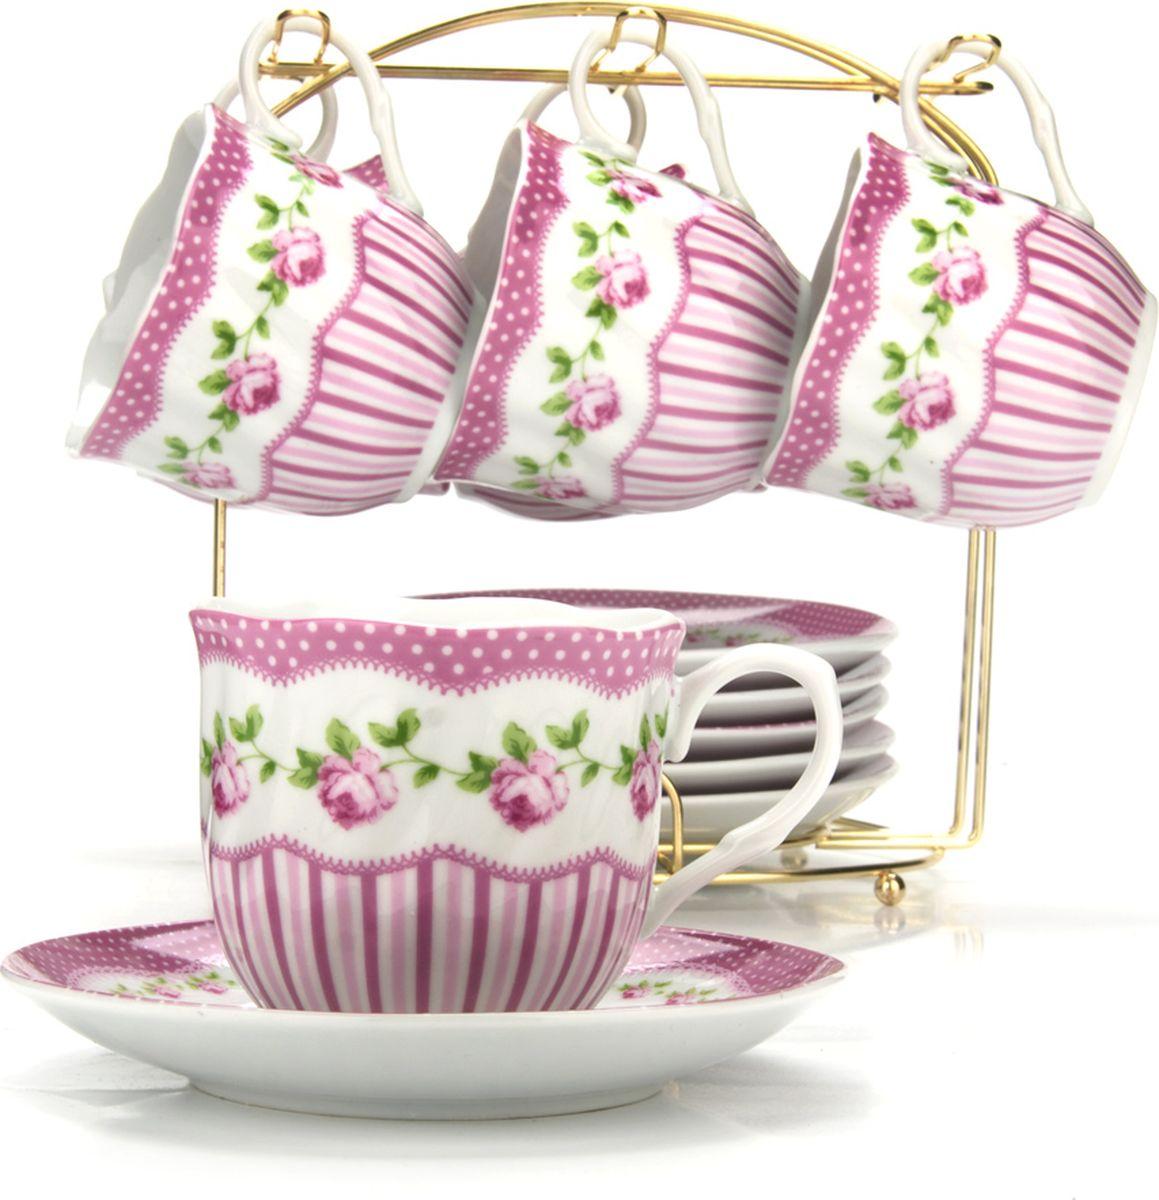 Сервиз чайный Loraine, на подставке, 13 предметов. 4328625942Чайный набор состоит из шести чашек, шести блюдец и металлической подставки золотого цвета. Предметы набора изготовлены из качественного фарфора и оформлены красочным цветным рисунком, стенки чашек имеют изящную волнистую поверхность. Чайный набор идеально подойдет для сервировки стола и станет отличным подарком к любому празднику. Все изделия можно компактно хранить на подставке, входящей в набор. Подходит для мытья в посудомоечной машине.Диаметр чашки: 8 см.Высота чашки: 7 см.Объем чашки: 200 мл.Диаметр блюдца: 13,5 см.